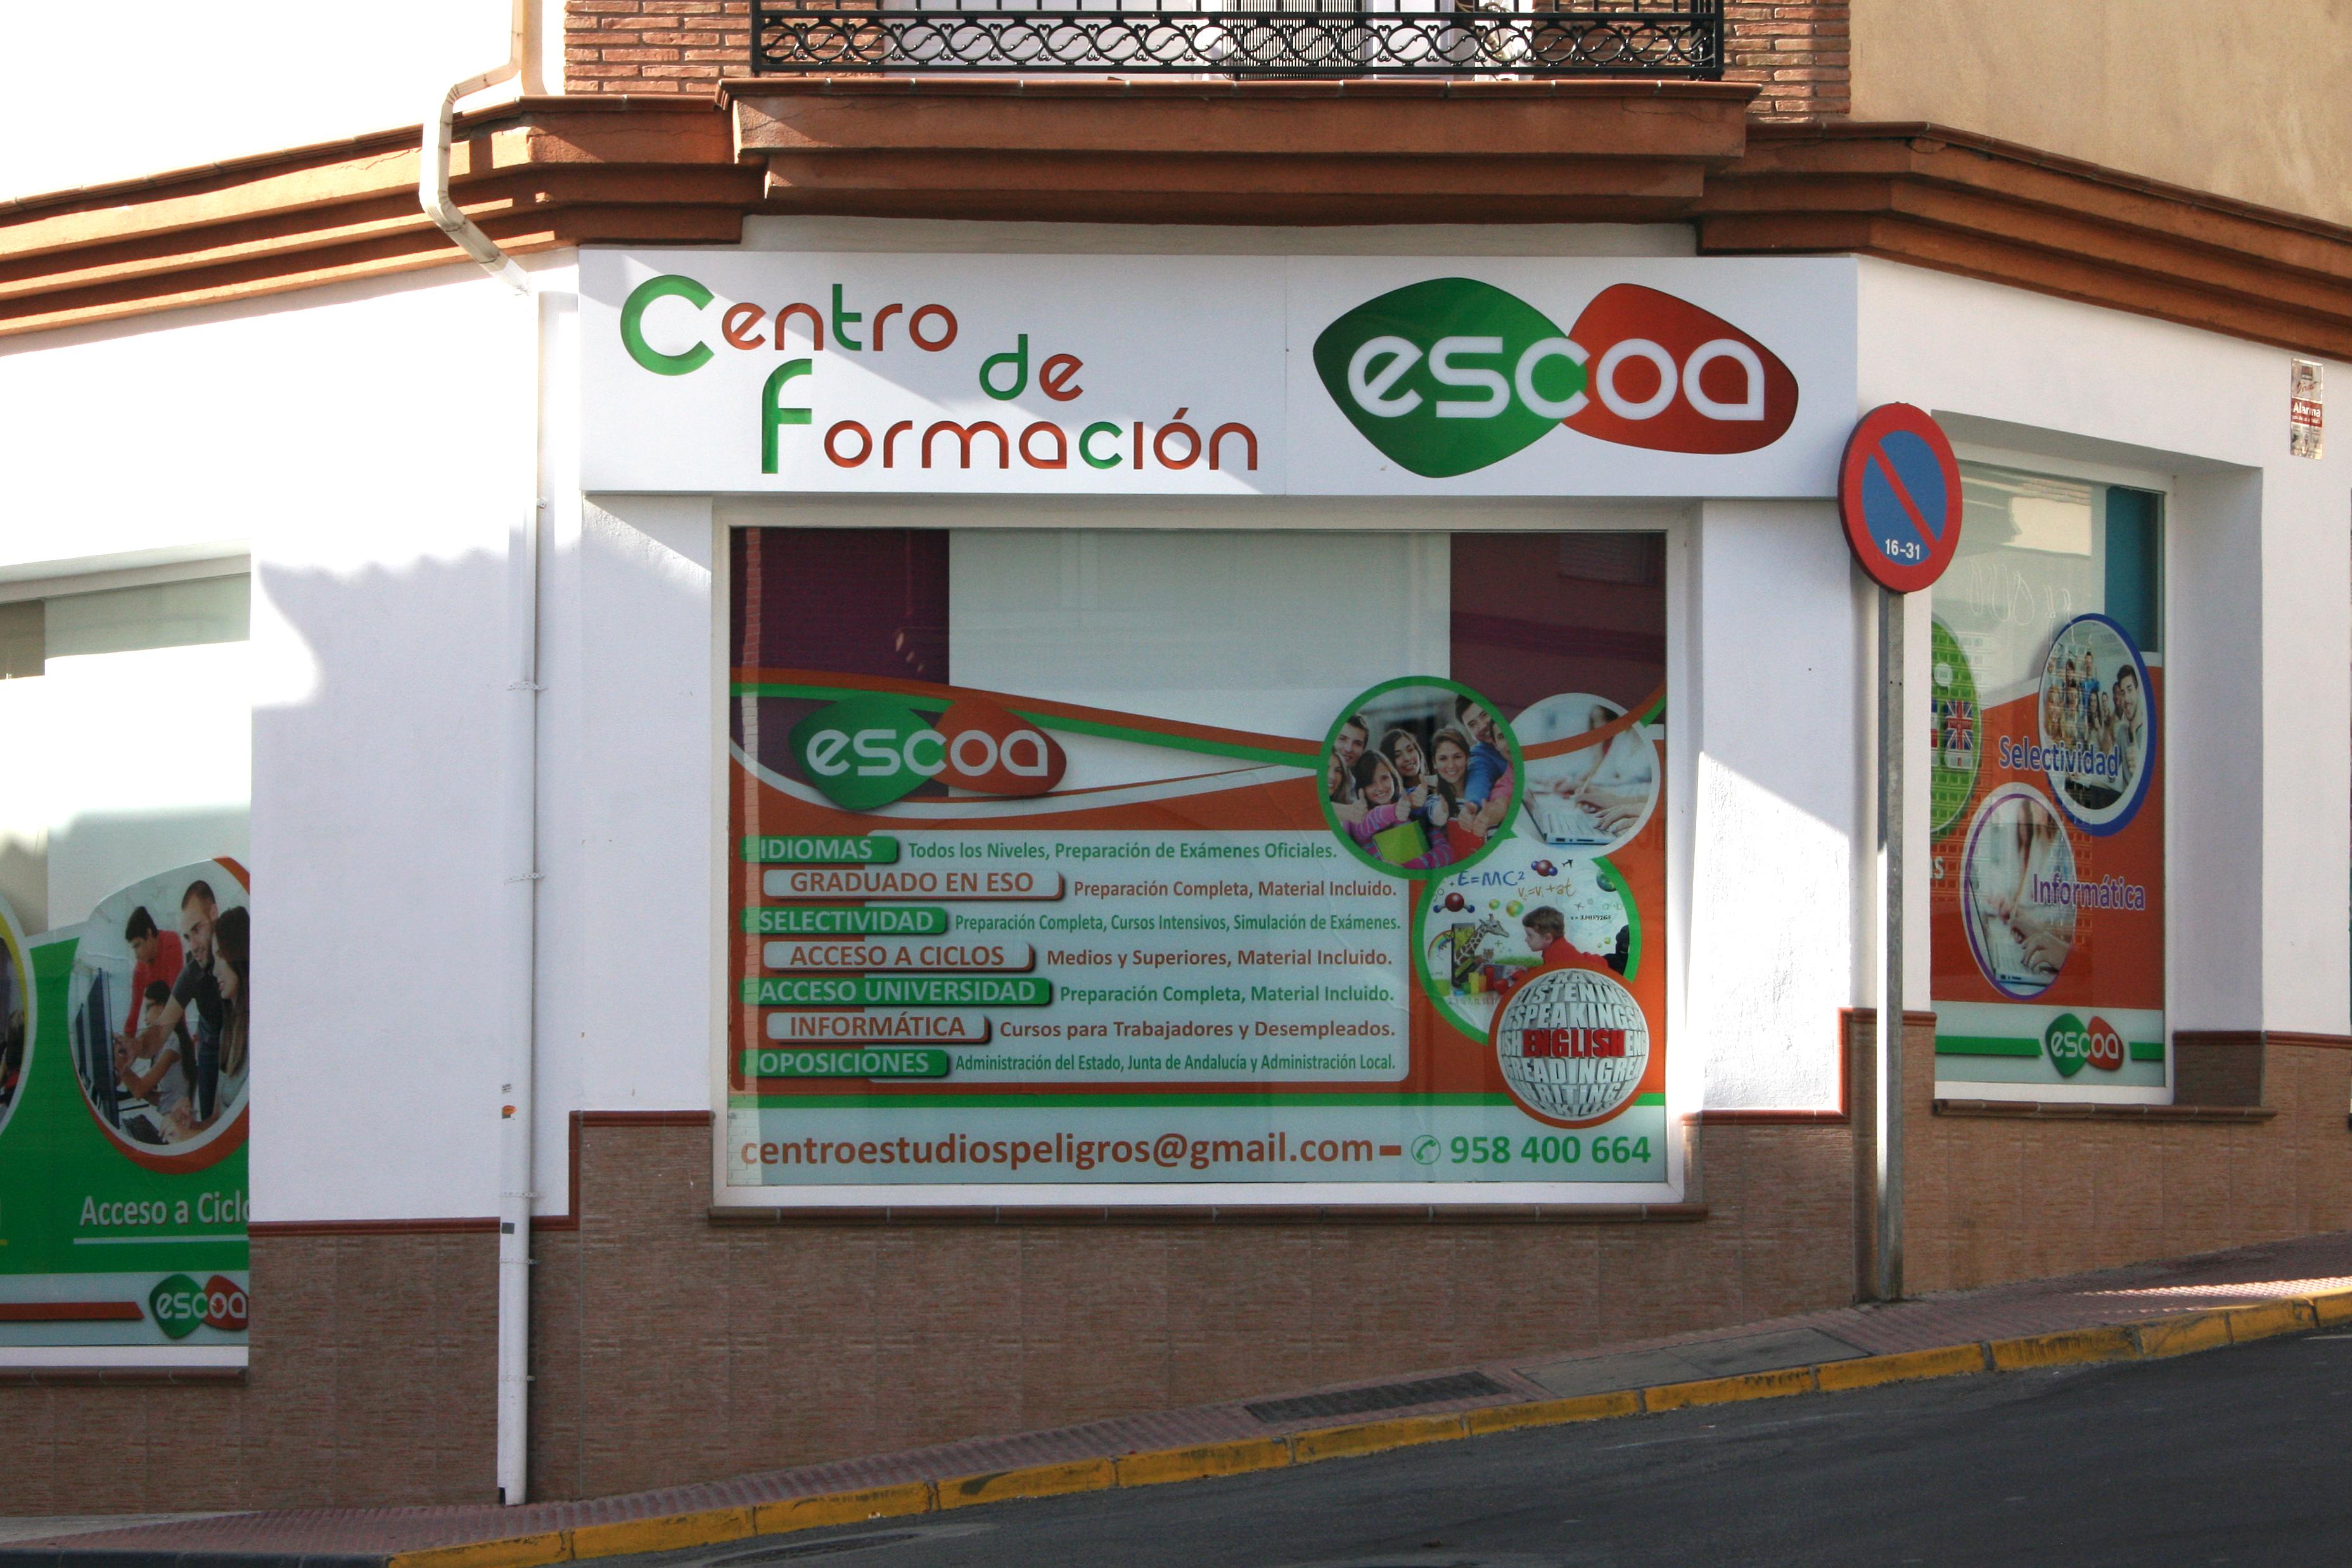 Centro de Formación Escoa Peligros